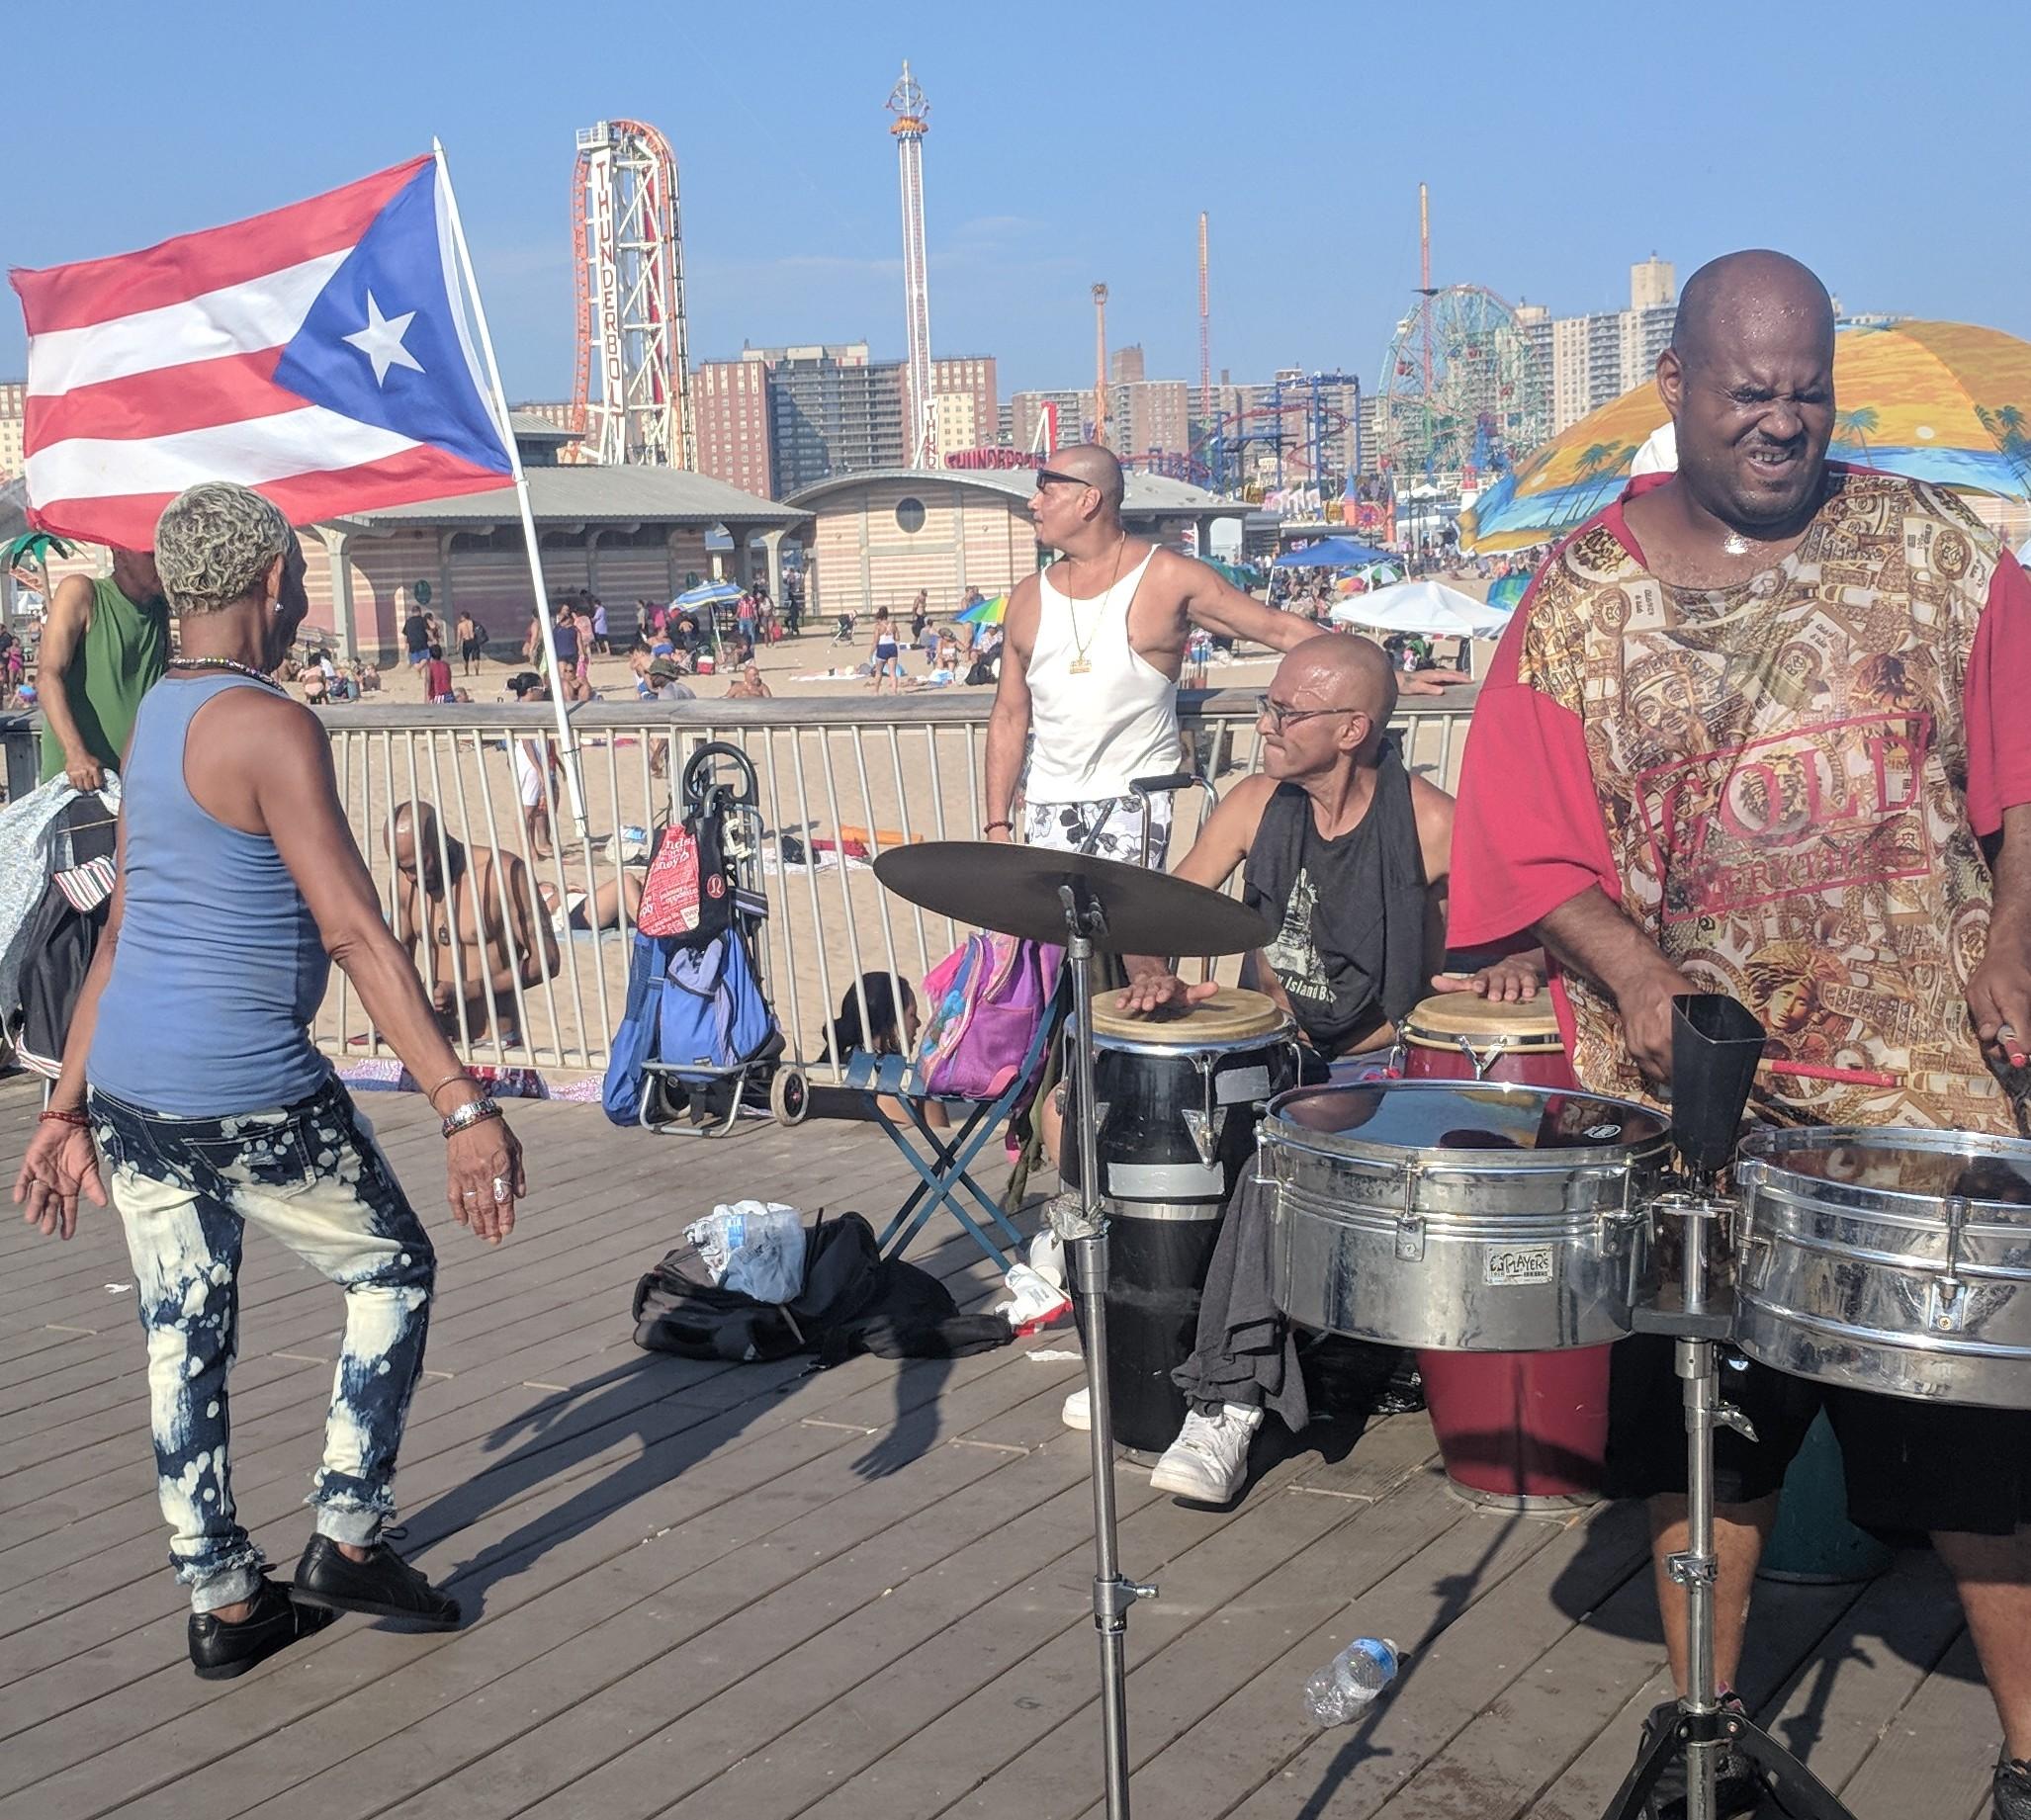 To the left Carlita Vasquez, to the right Juan Albors